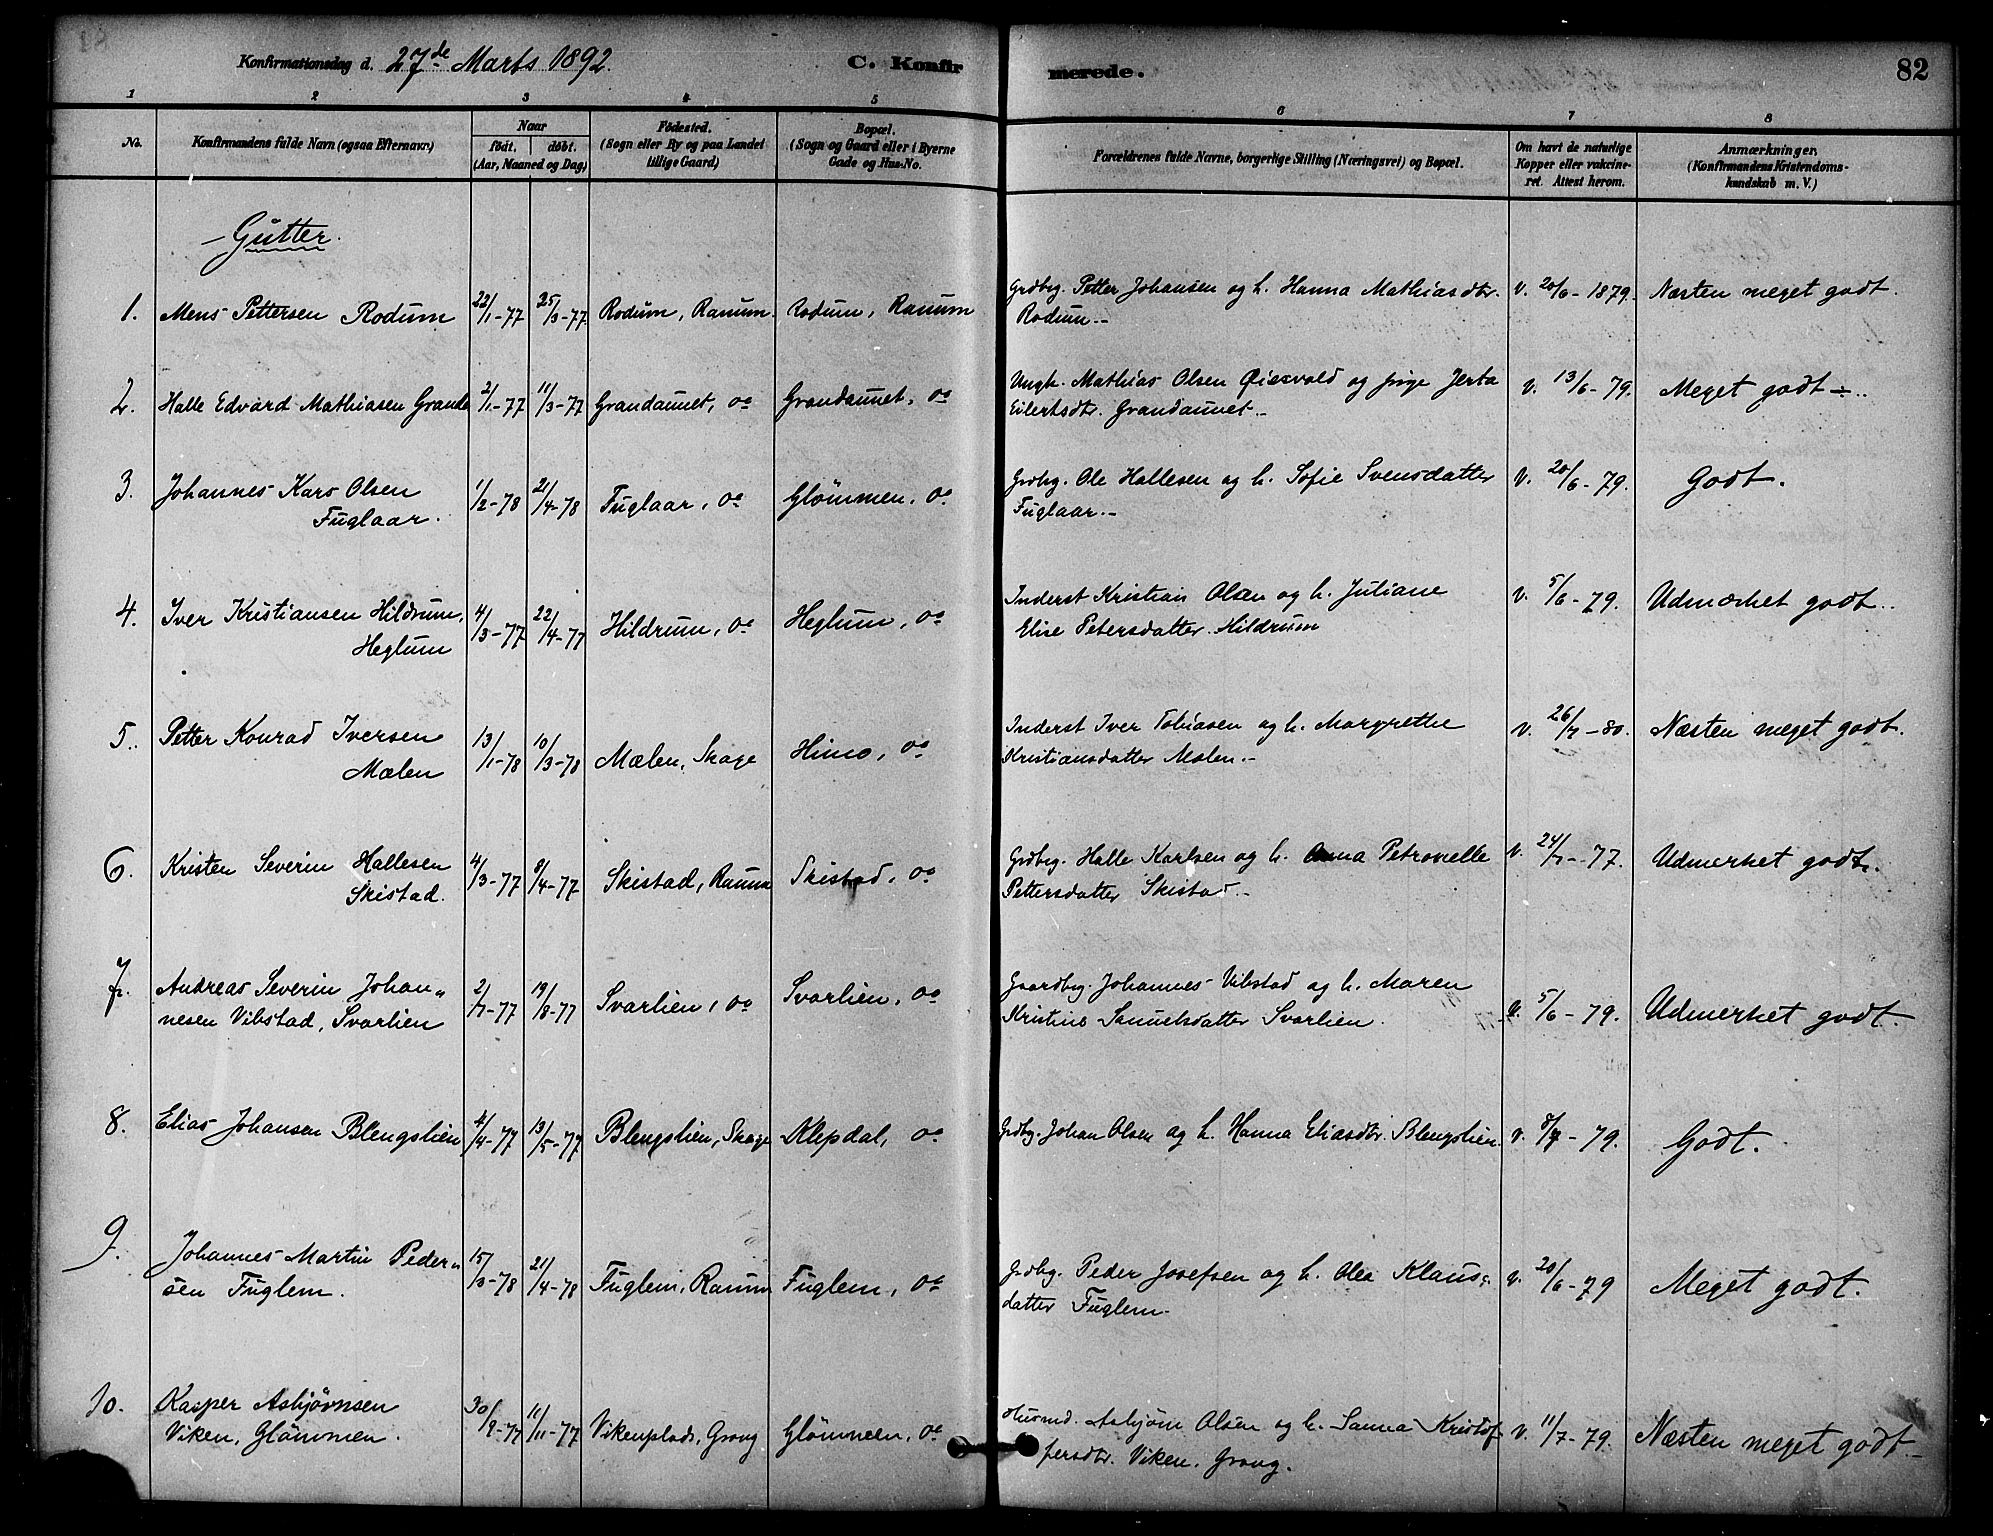 SAT, Ministerialprotokoller, klokkerbøker og fødselsregistre - Nord-Trøndelag, 764/L0555: Ministerialbok nr. 764A10, 1881-1896, s. 82